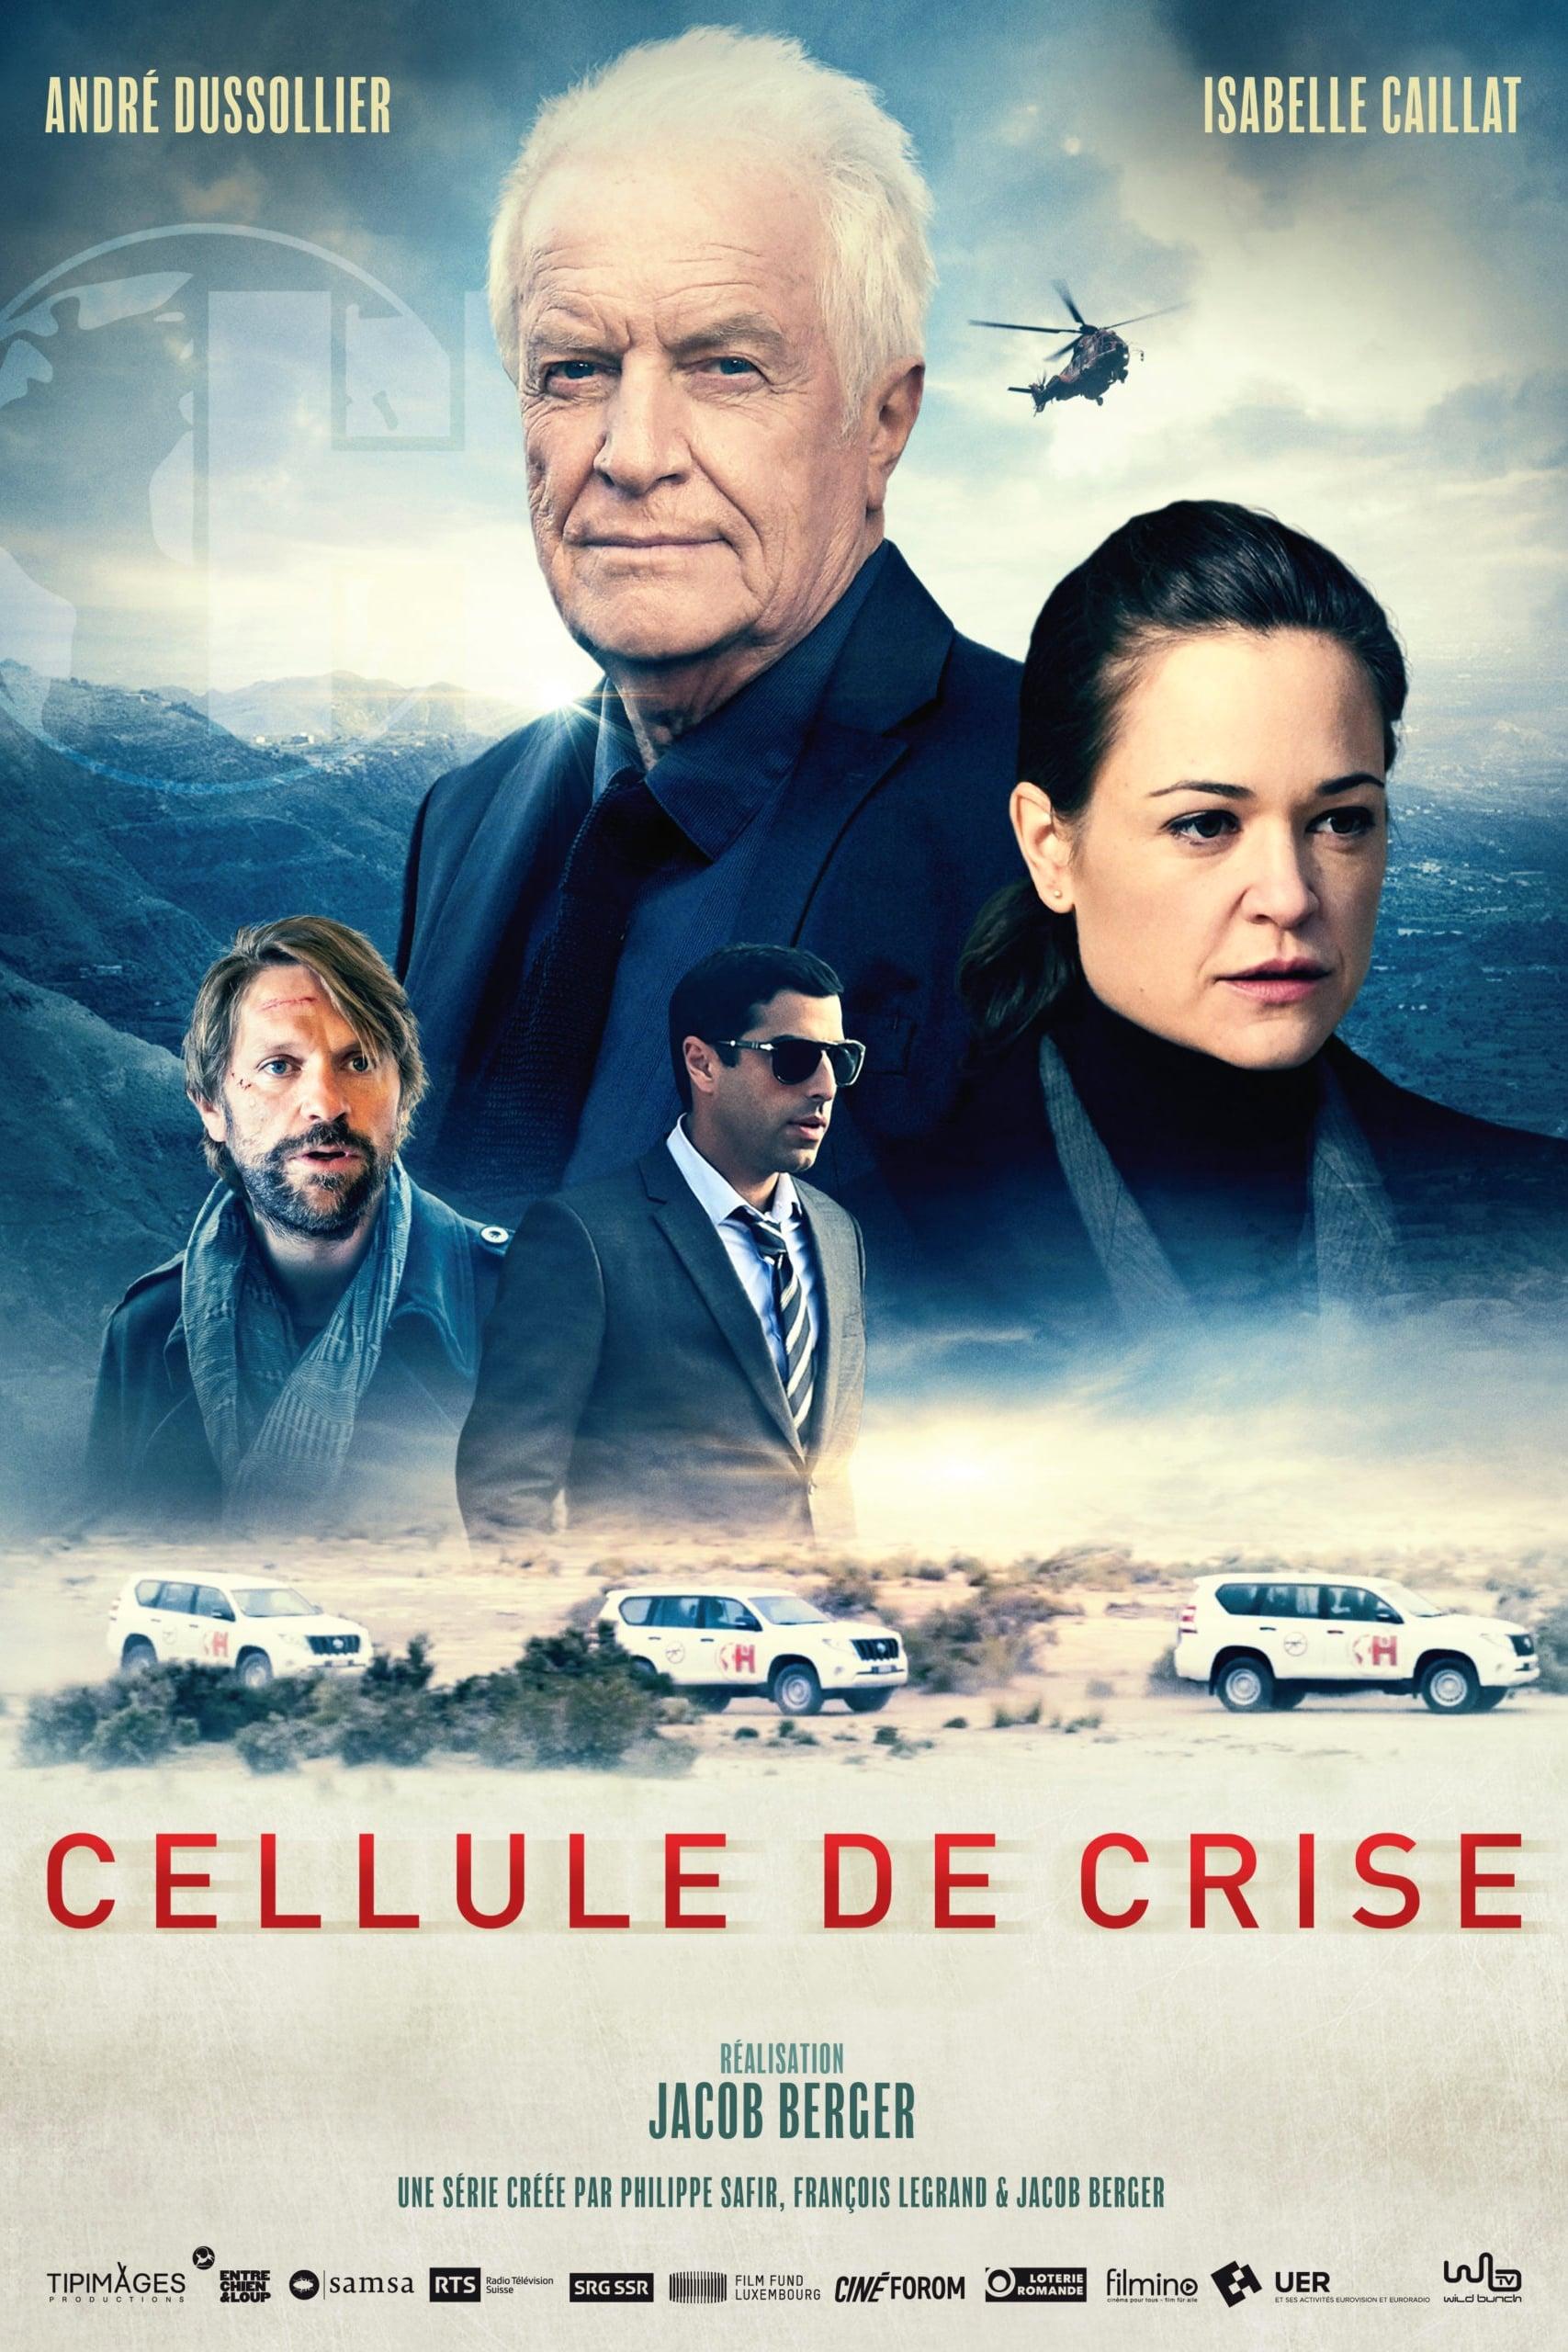 Cellule de crise TV Shows About Politics